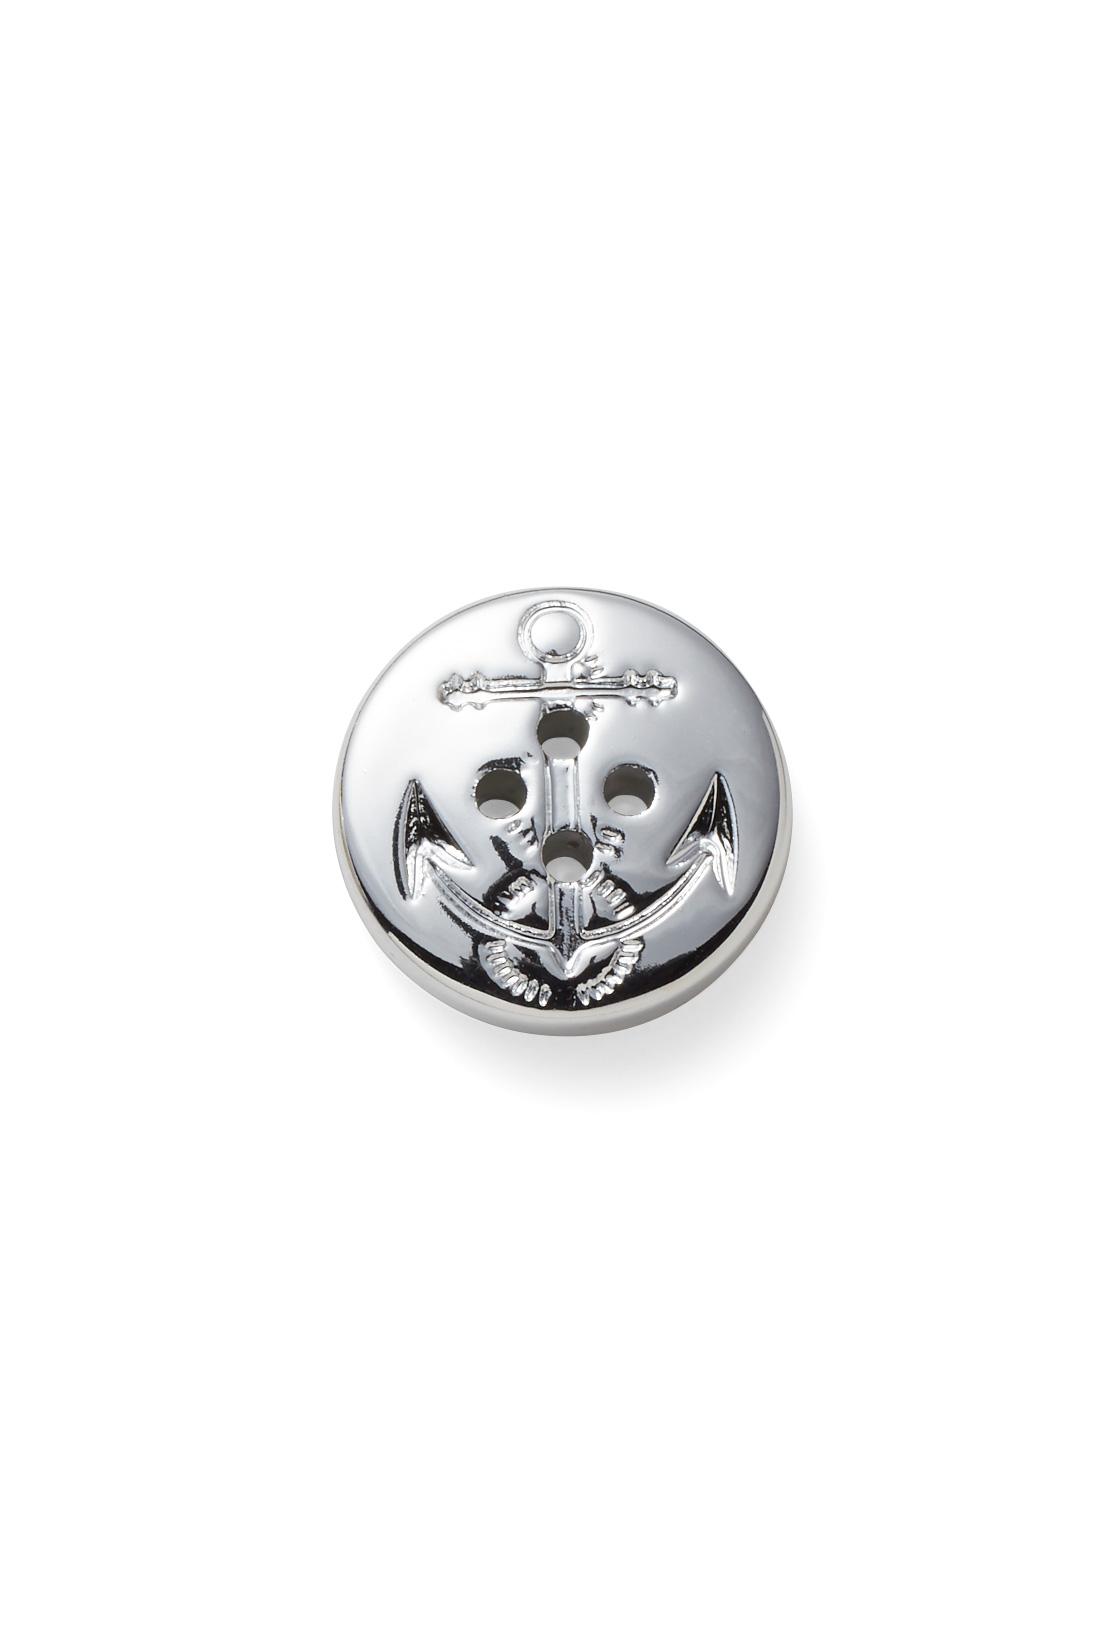 イカリ柄のシルバーのボタン付きで、一枚でも華やか。